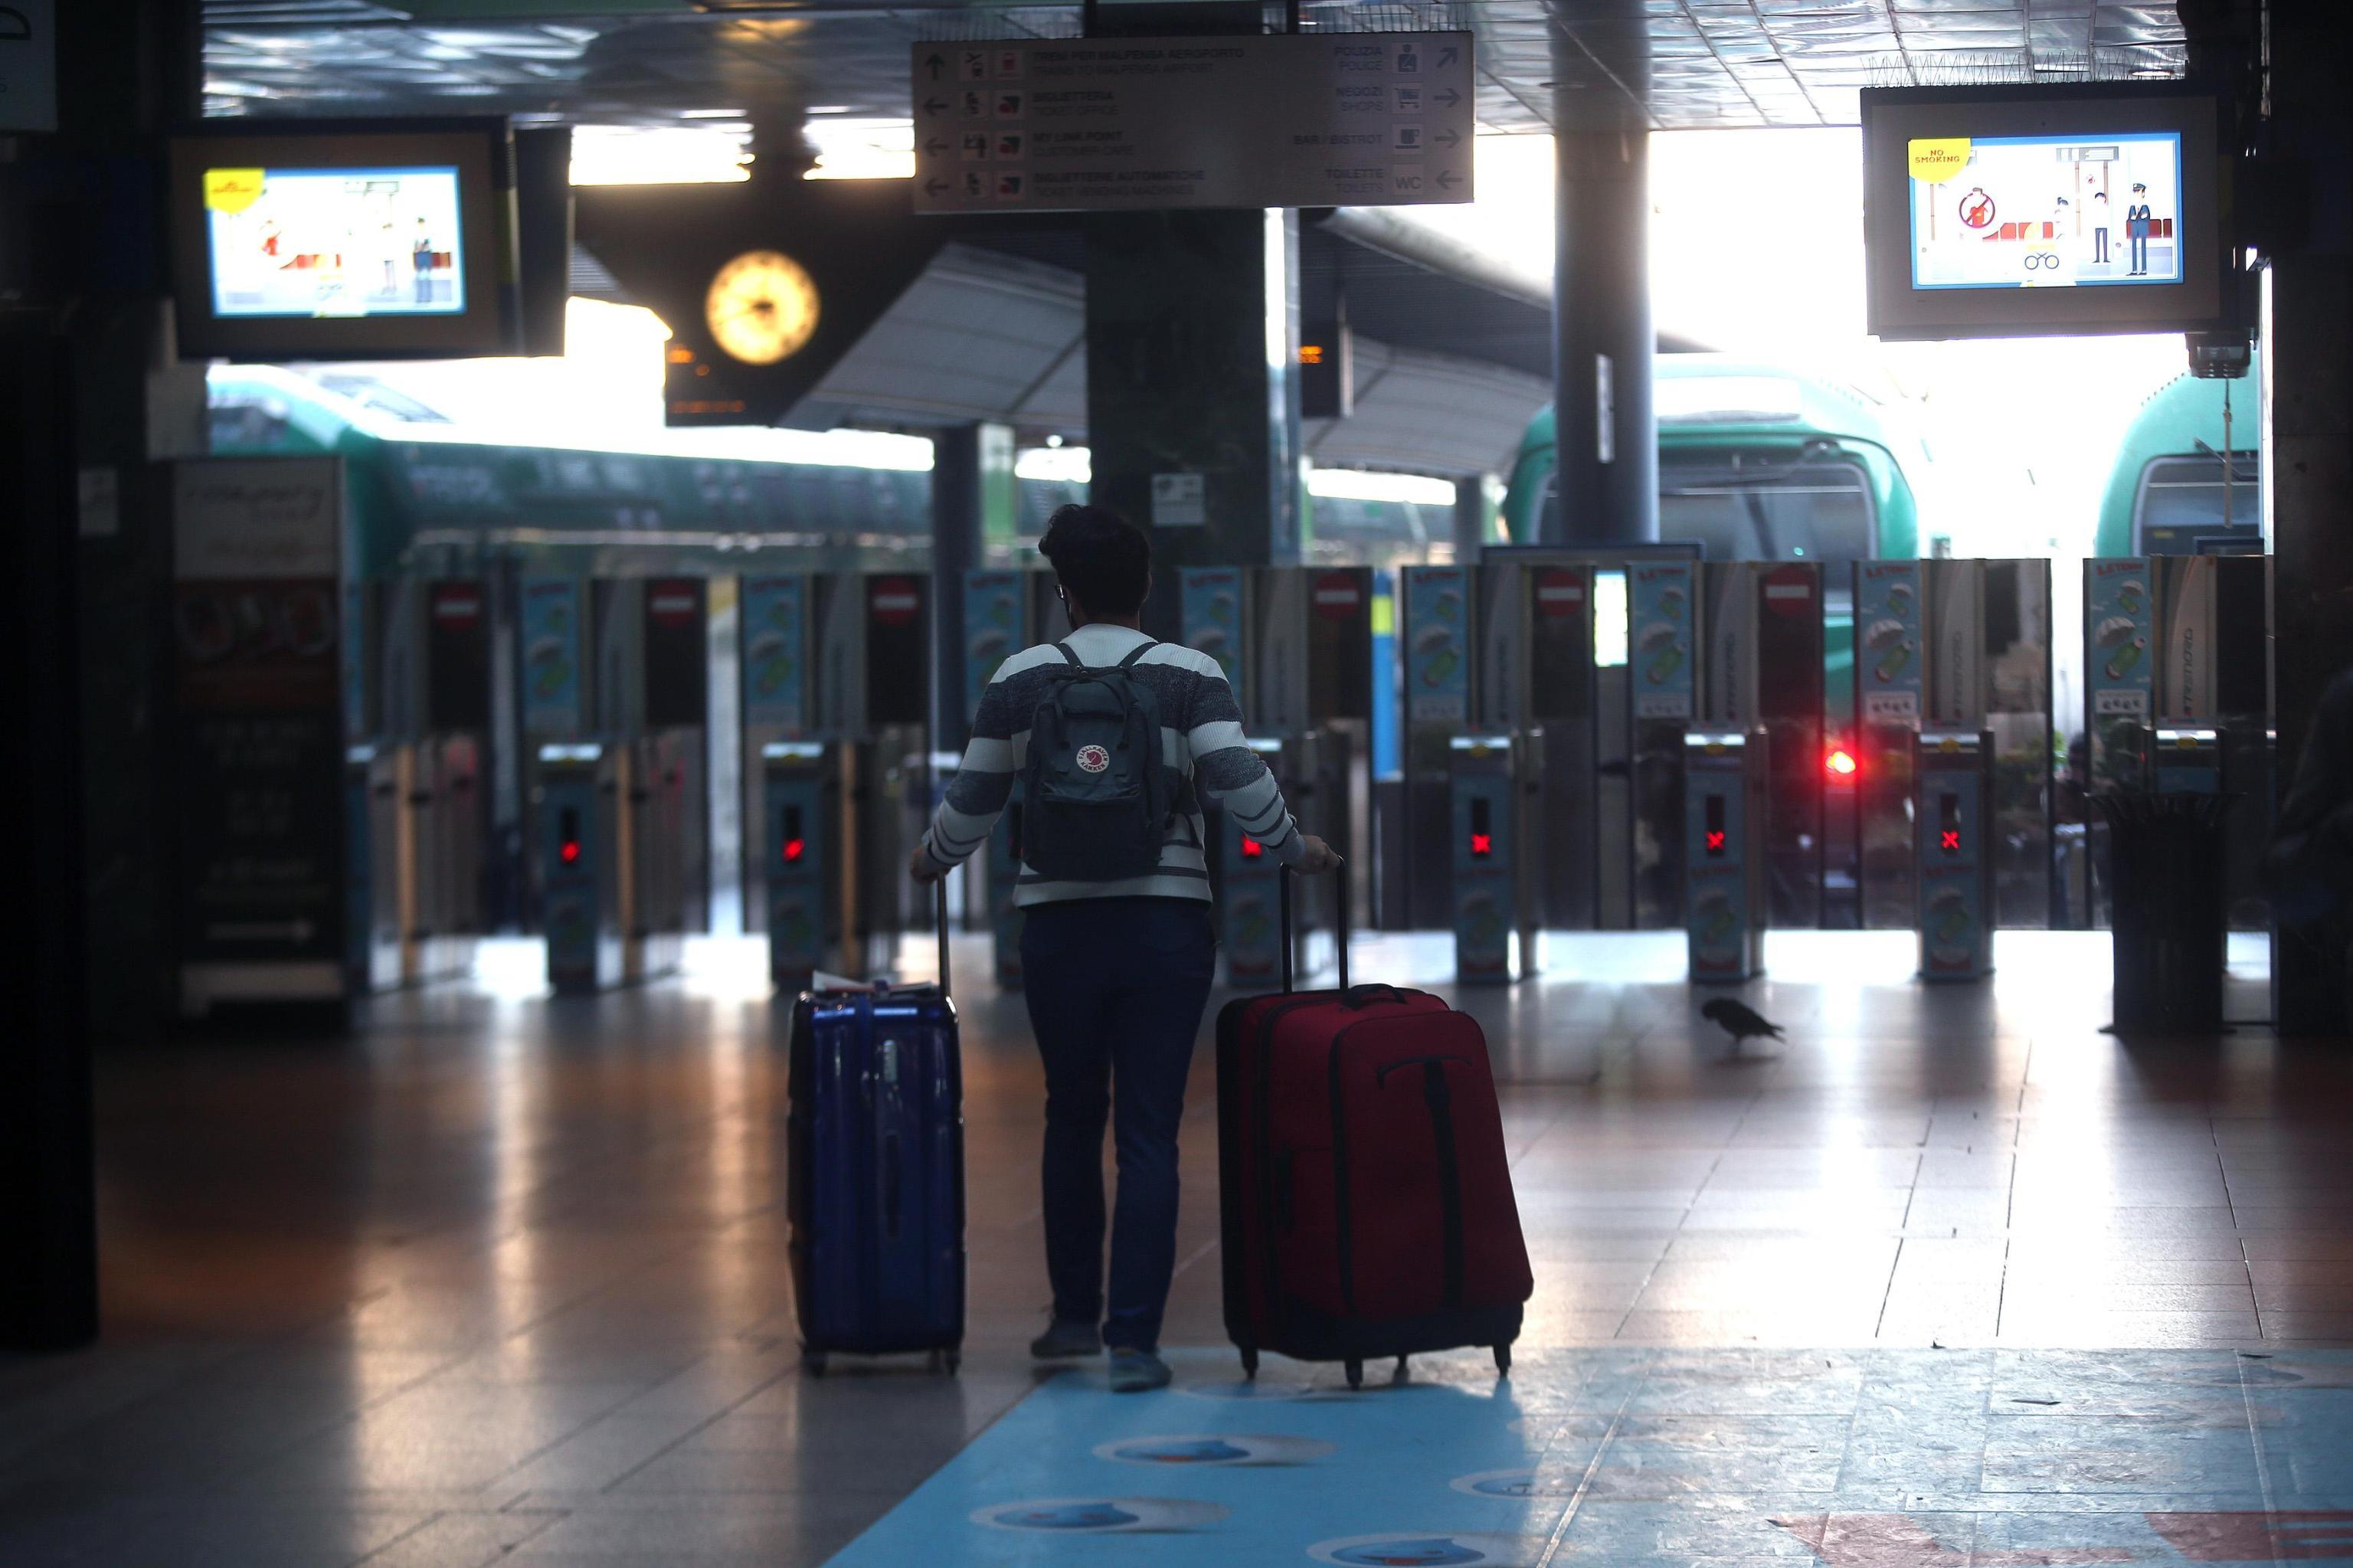 Sciopero 8 marzo trasporti a rischio. Treni, bus e aerei si fermano: orari e fasce di garanzia